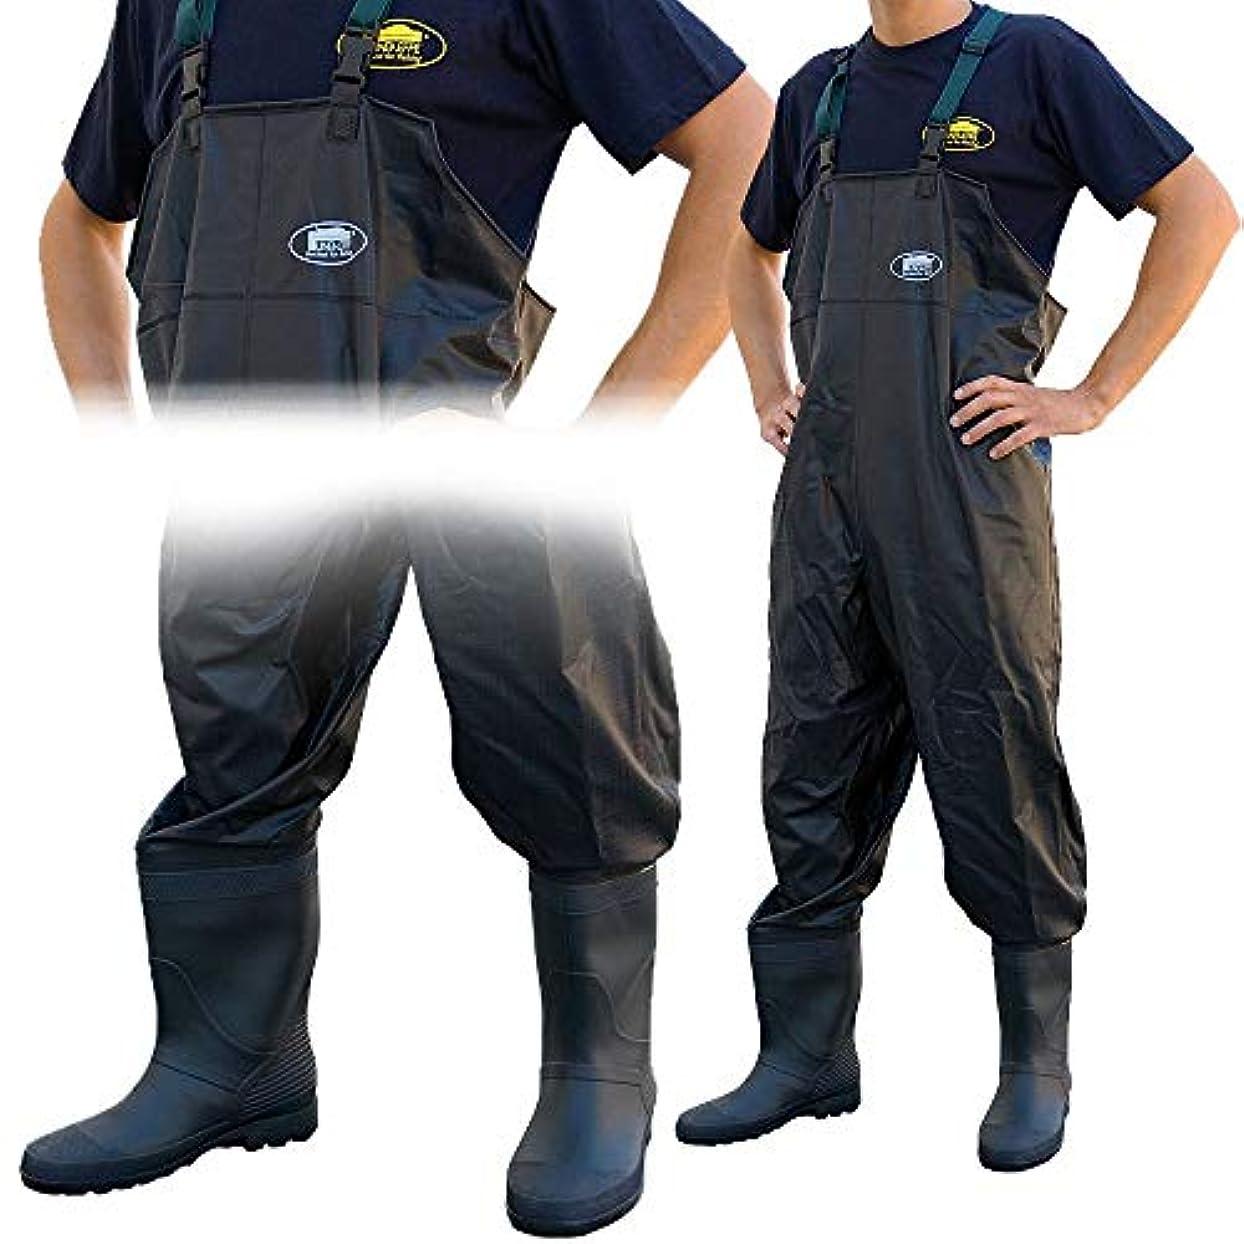 桃フォーク金貸しLineaeffeブラックAll Weather PVC防水Coarse Fishing Chest Waders/Wellies inサイズ7 8 9 10 11 & 12